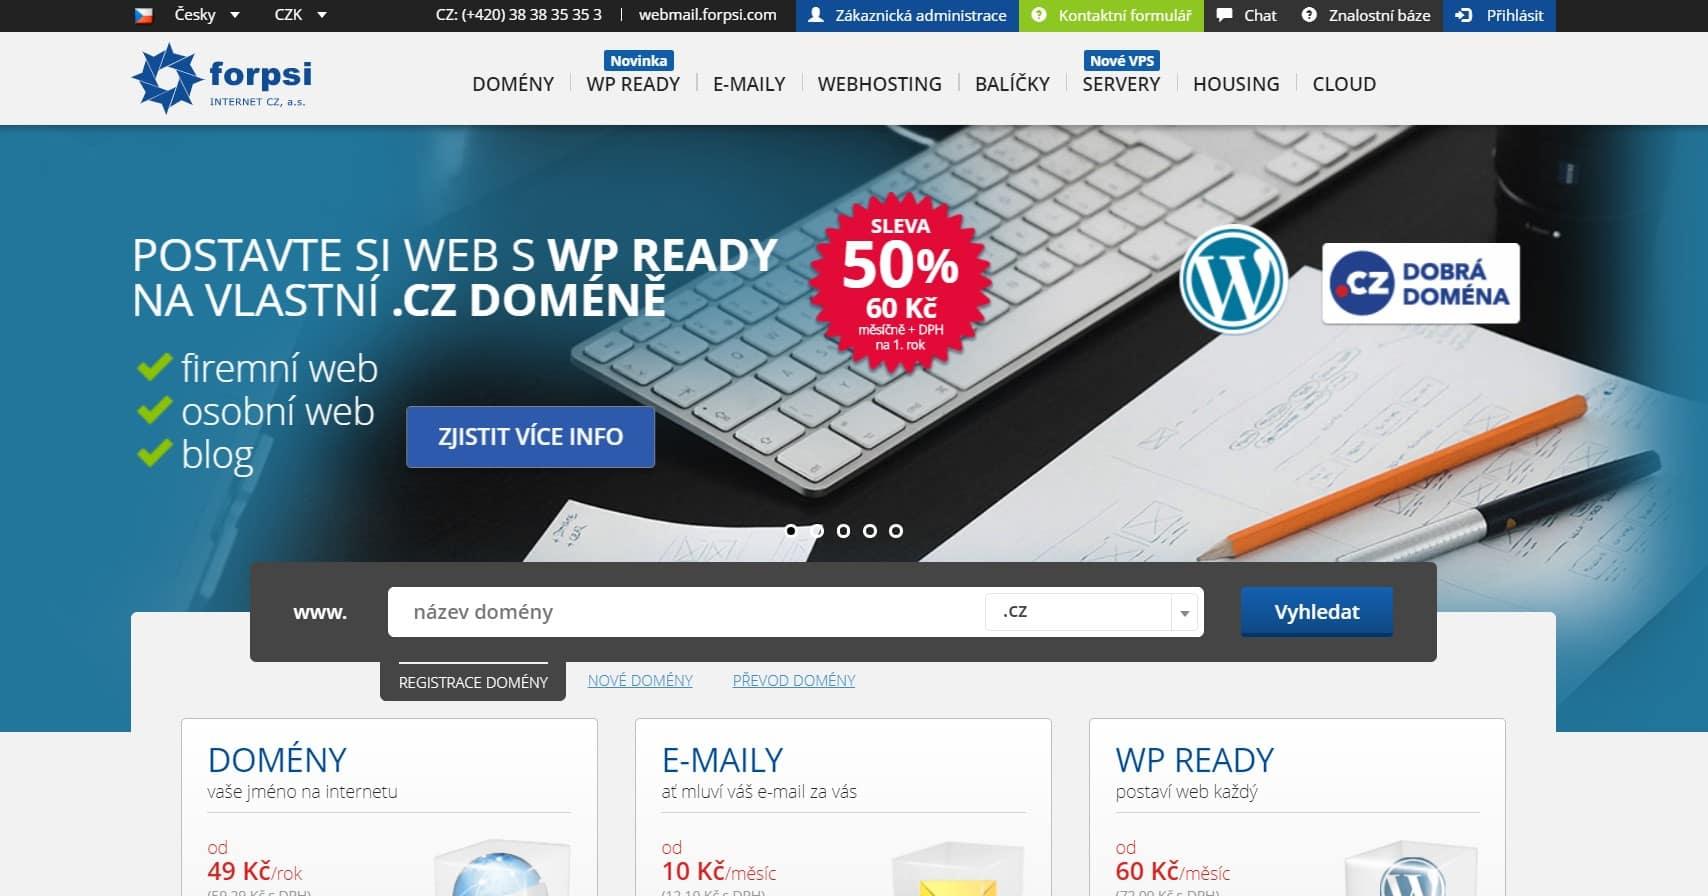 Hlavní strana webu forpsi.com